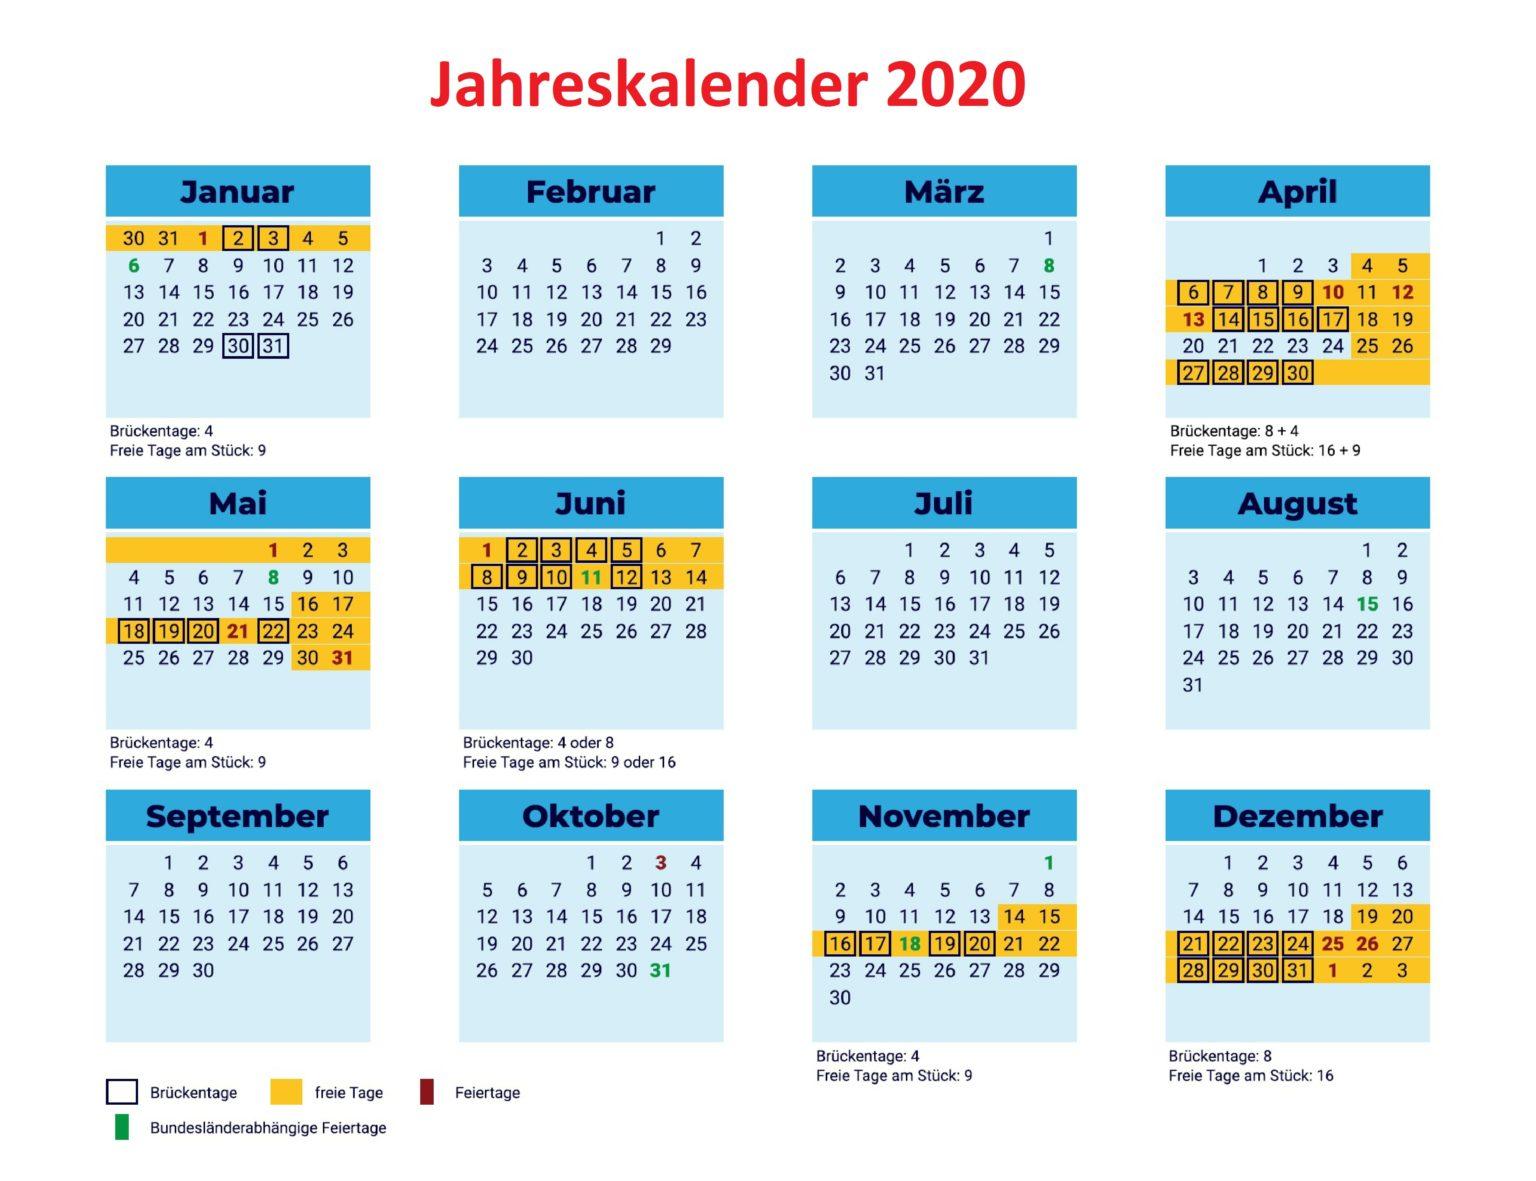 Jahreskalender2020MitFeiertagen